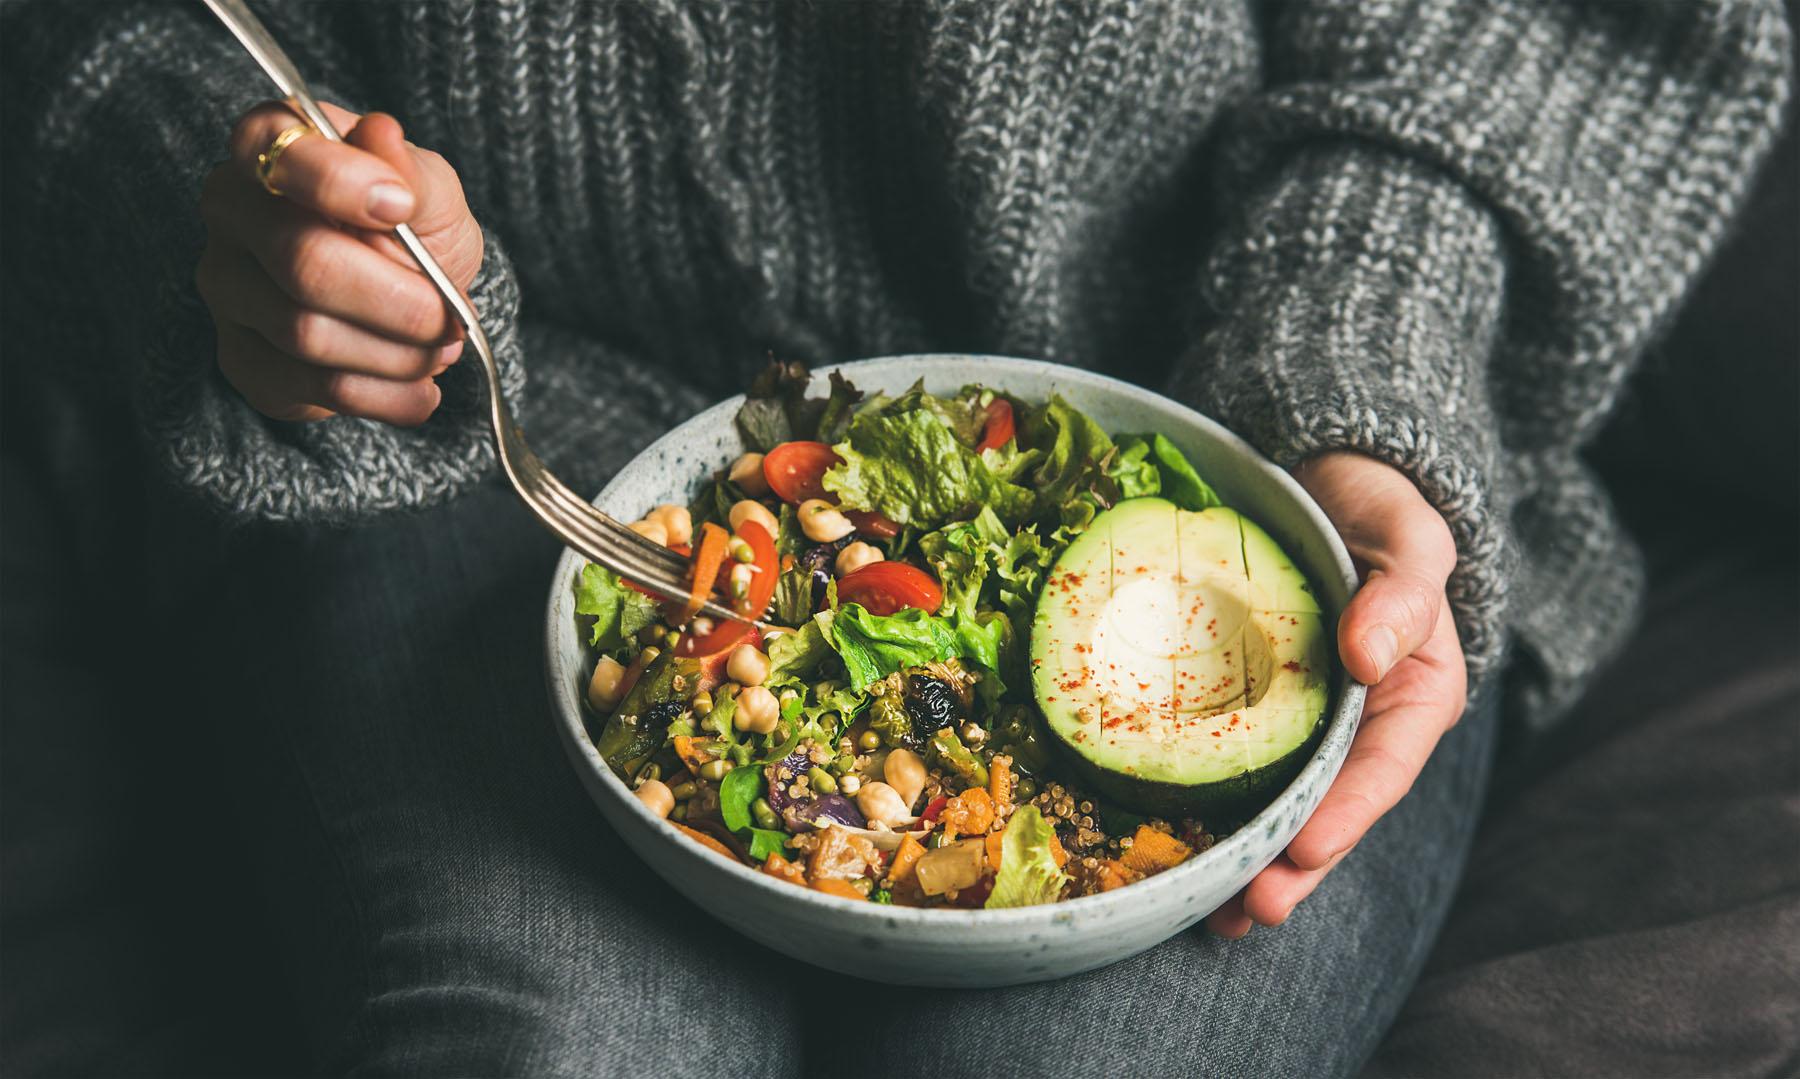 Eine Person hält eine Schüssel mit gesunden Lebensmitteln und eine Gabel.